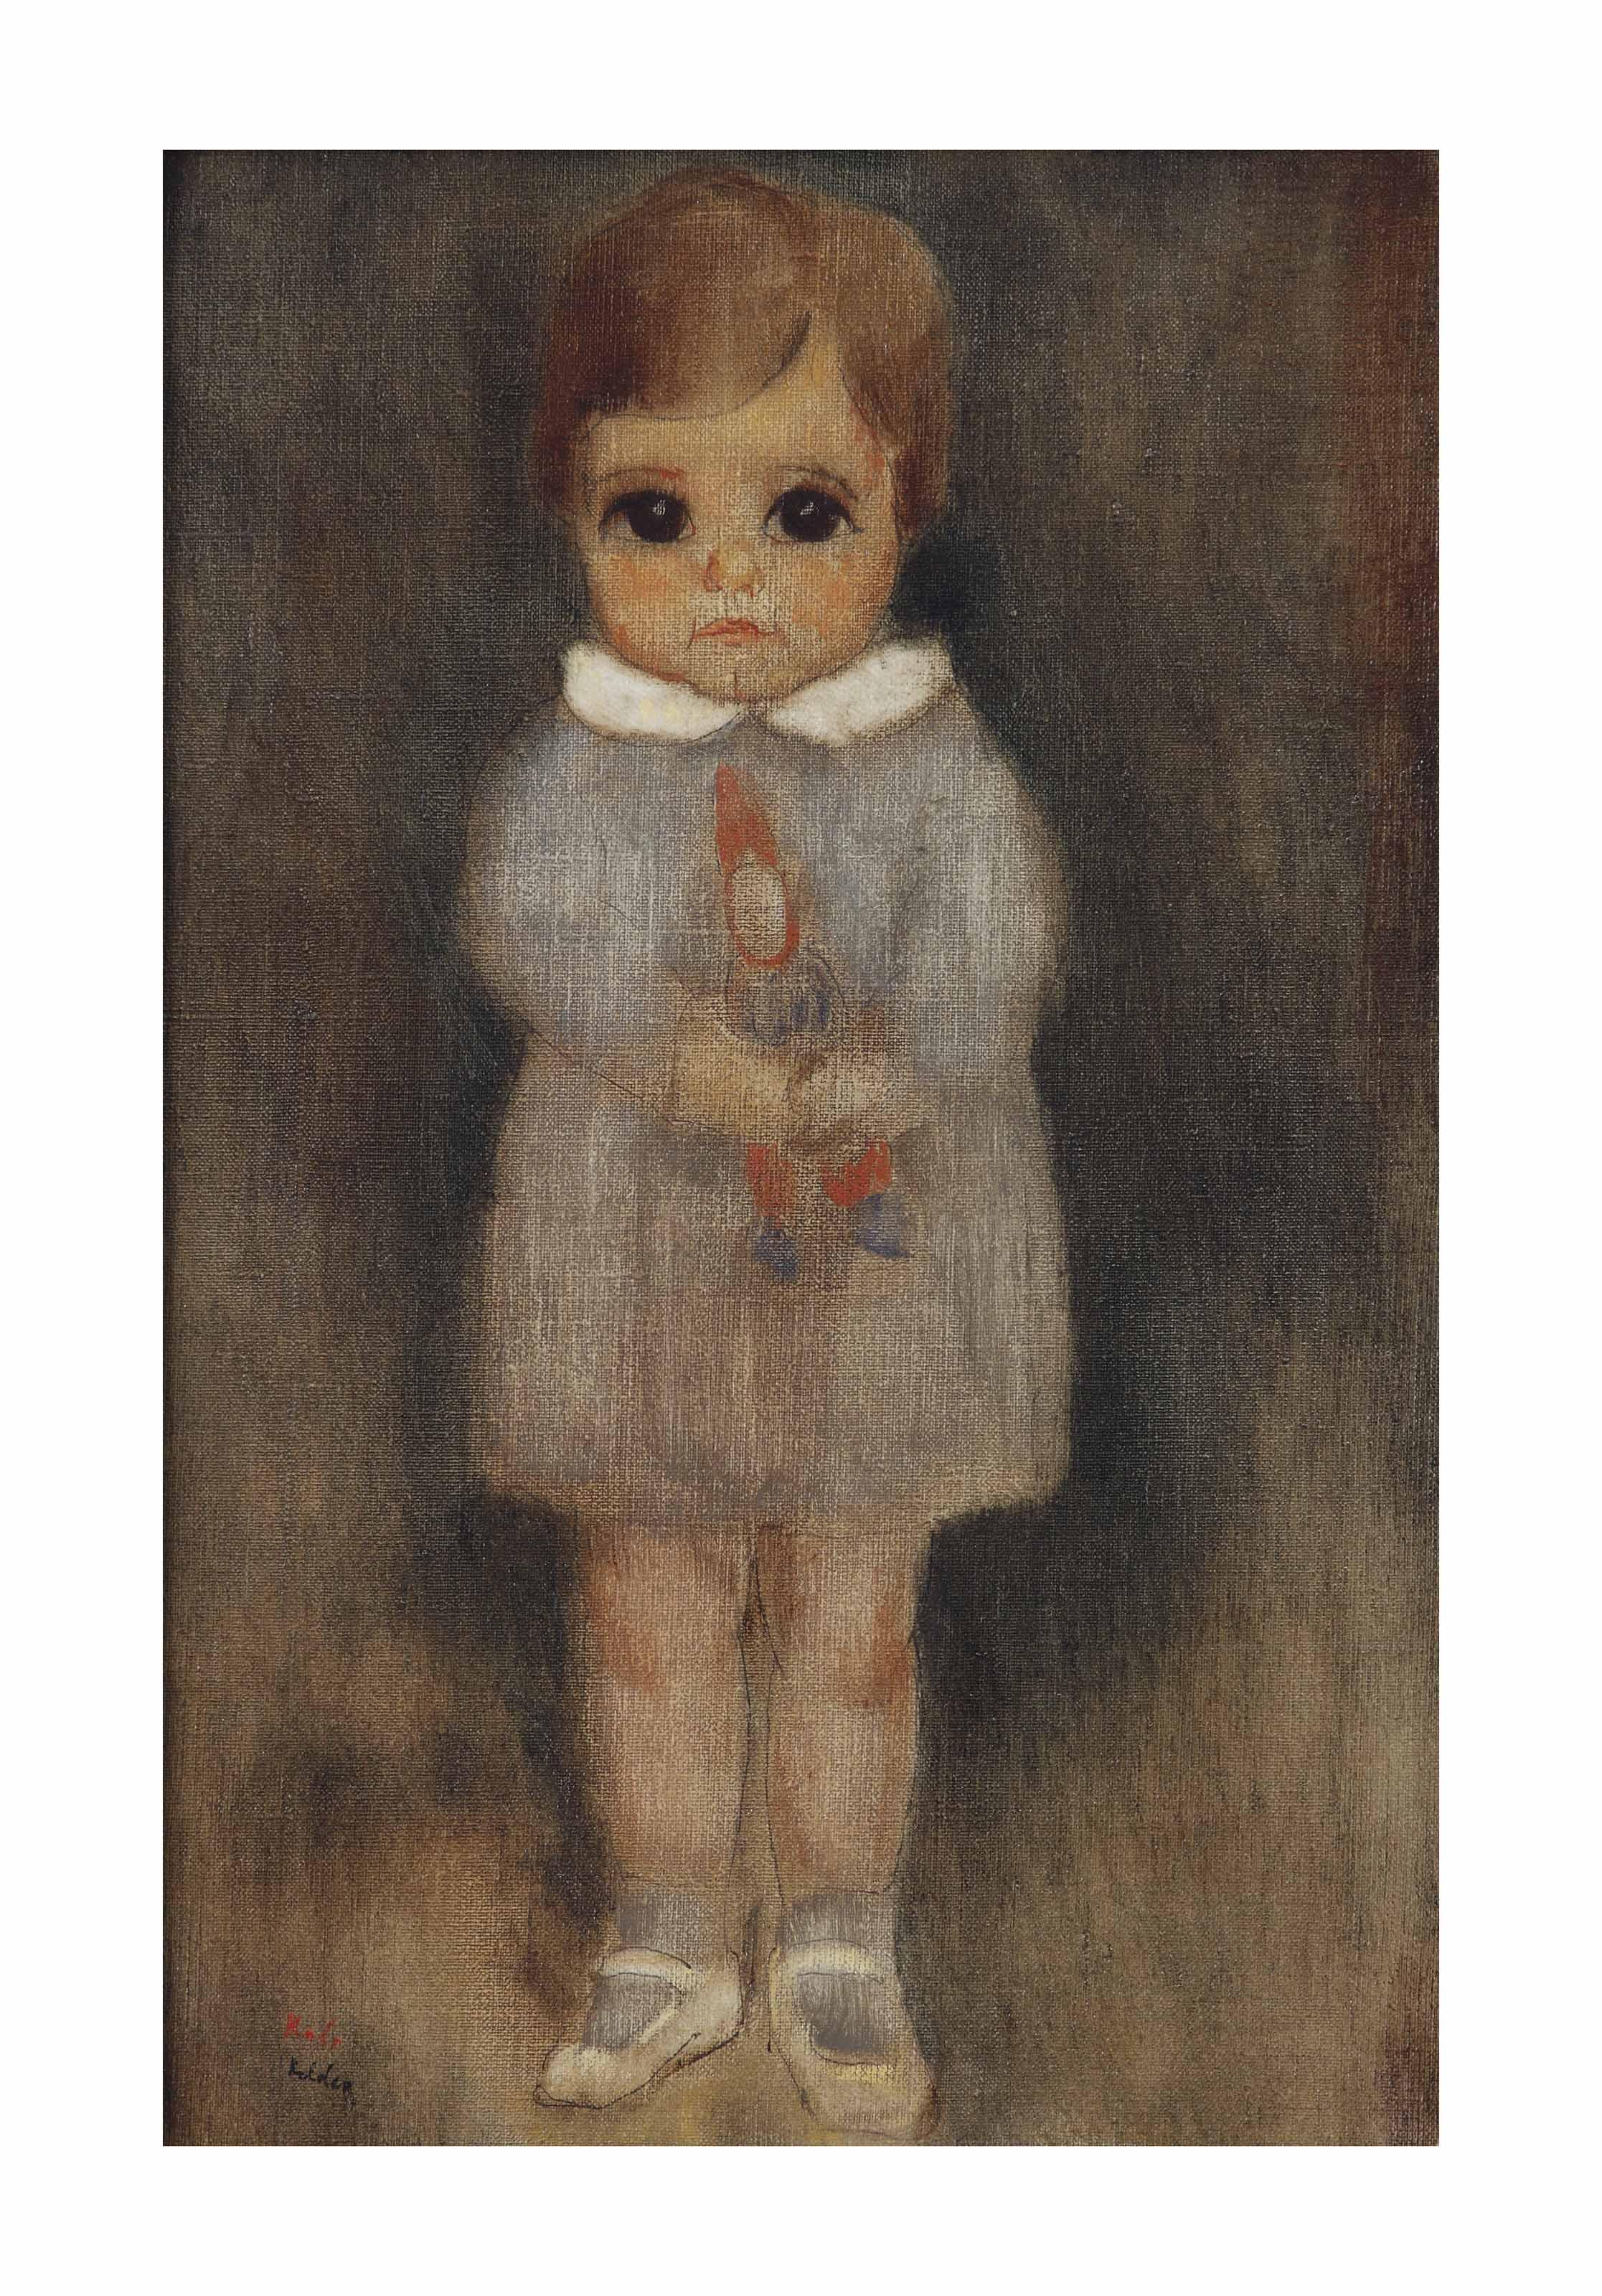 Renée with doll